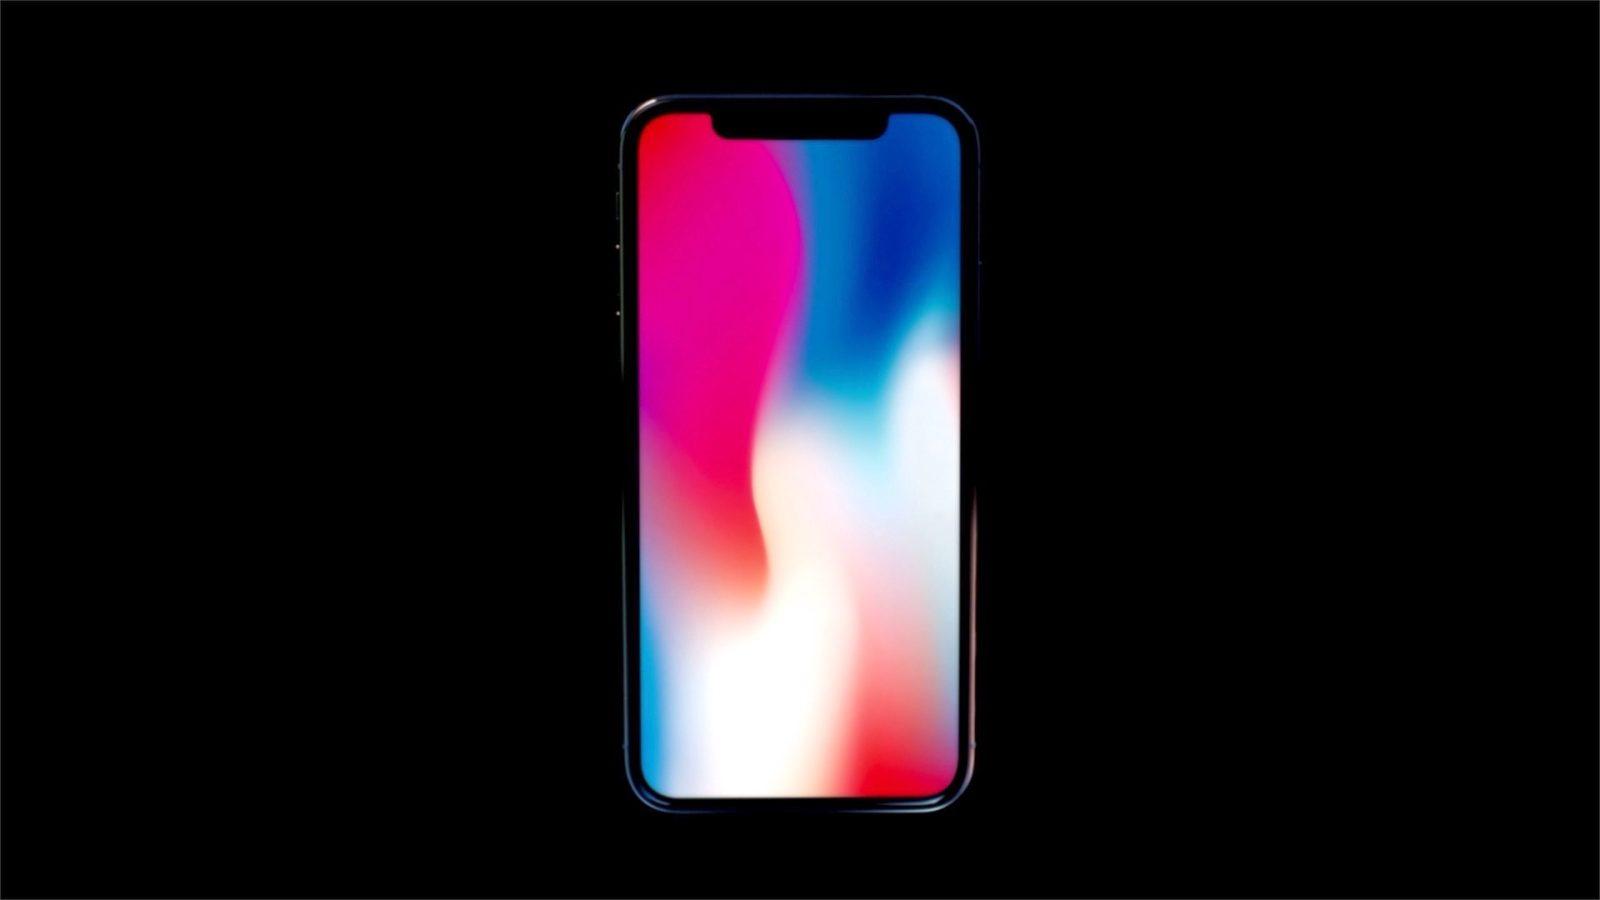 В iPhone X установлен лучший в мире OLED-дисплей